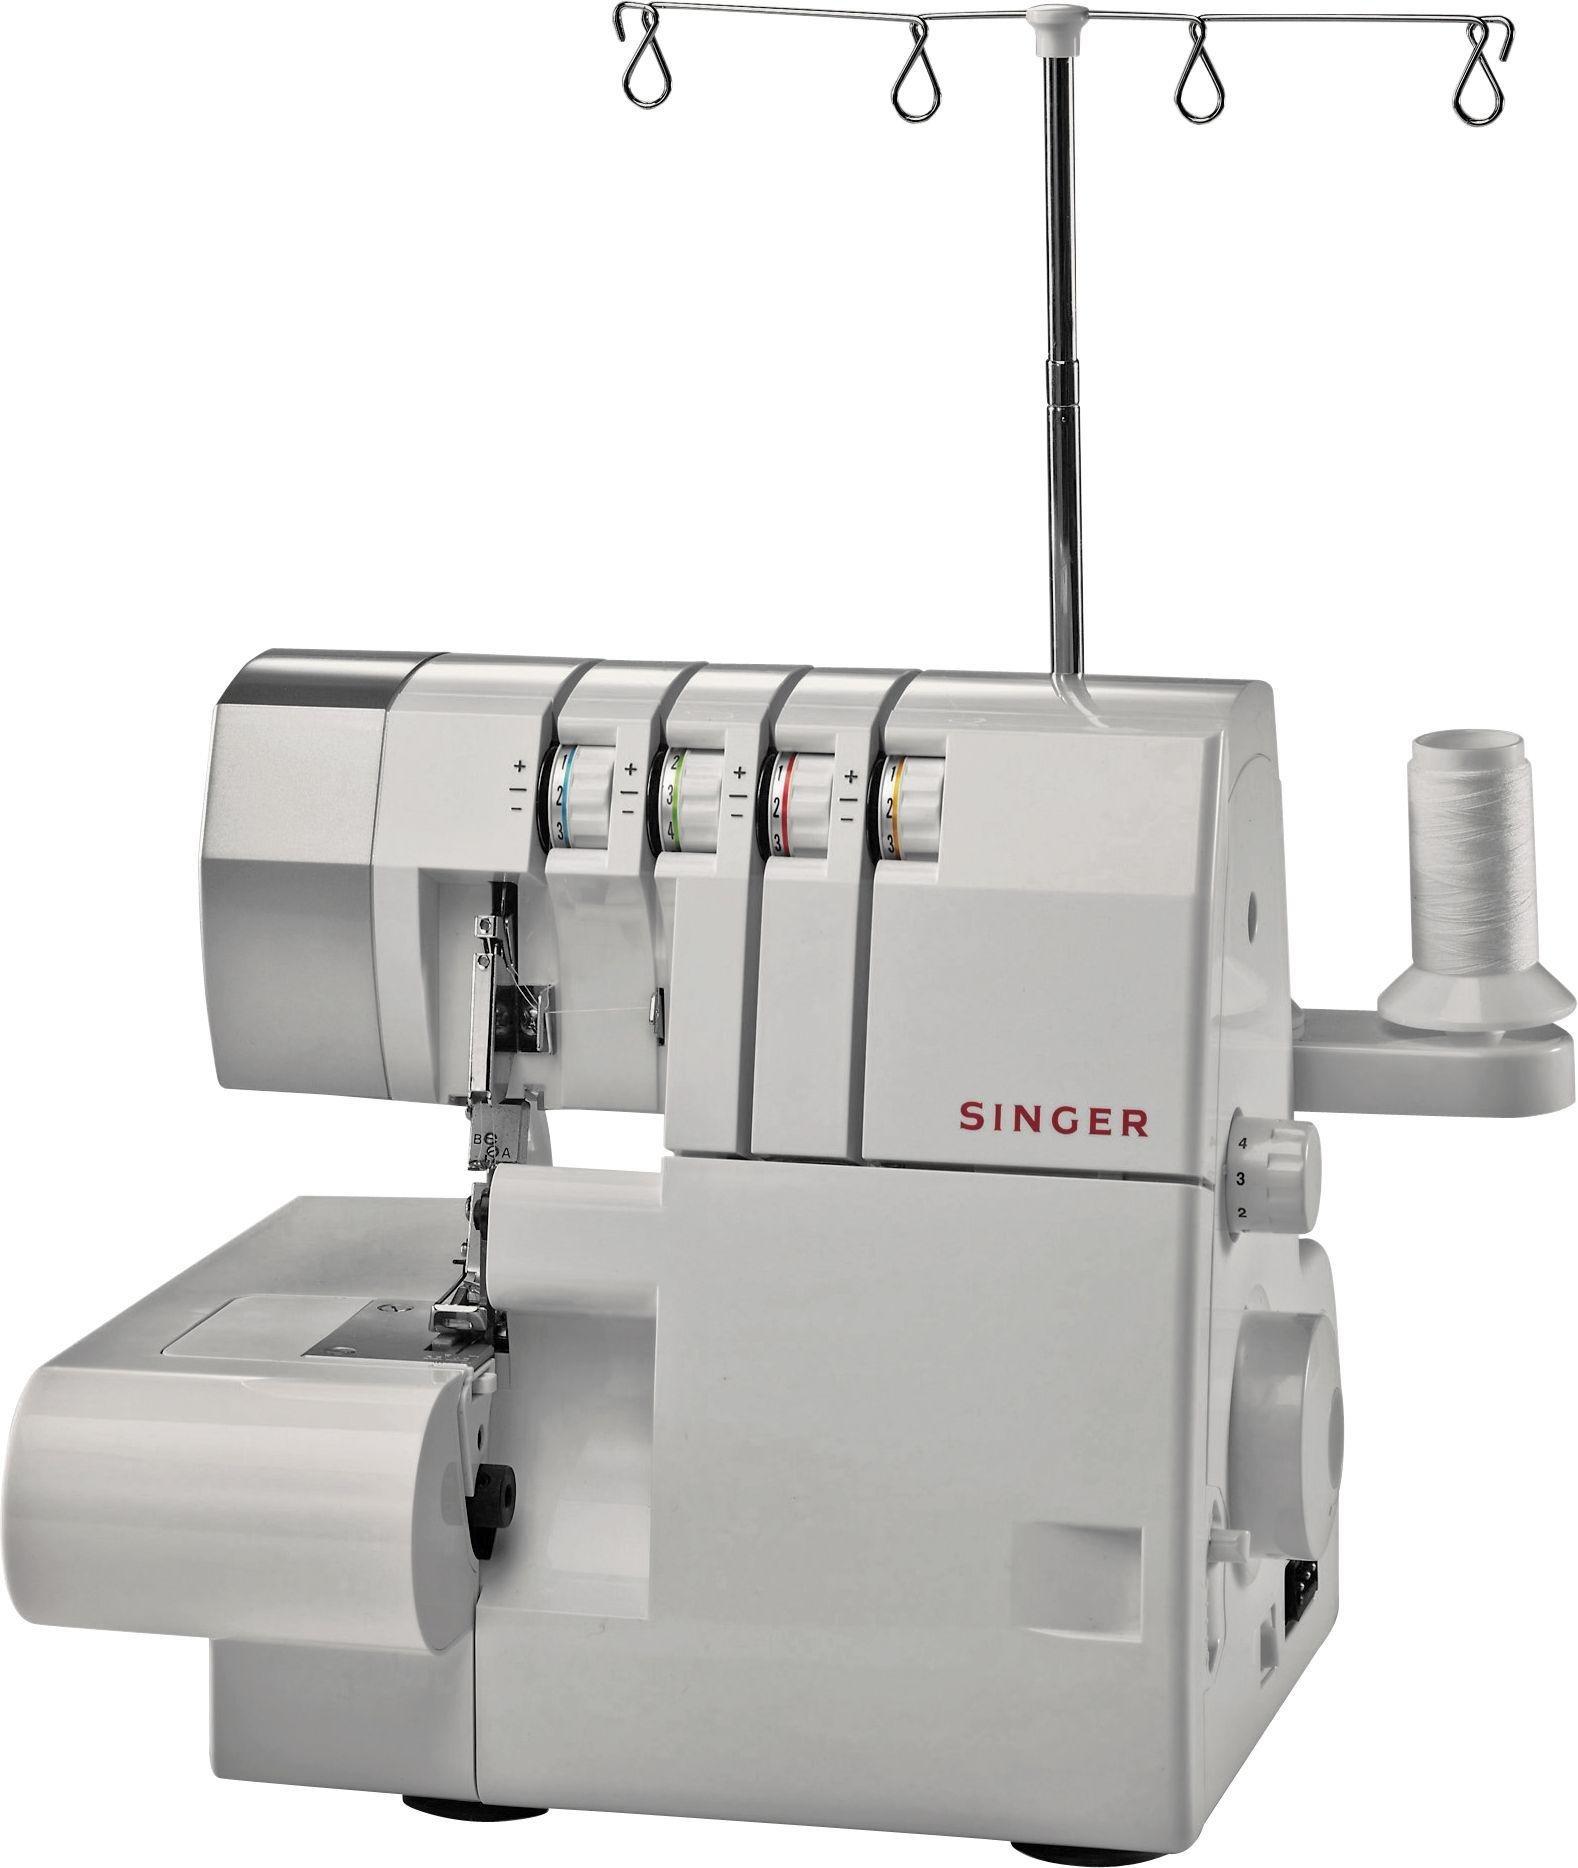 Singer - 14SH754 Overlocker lowest price